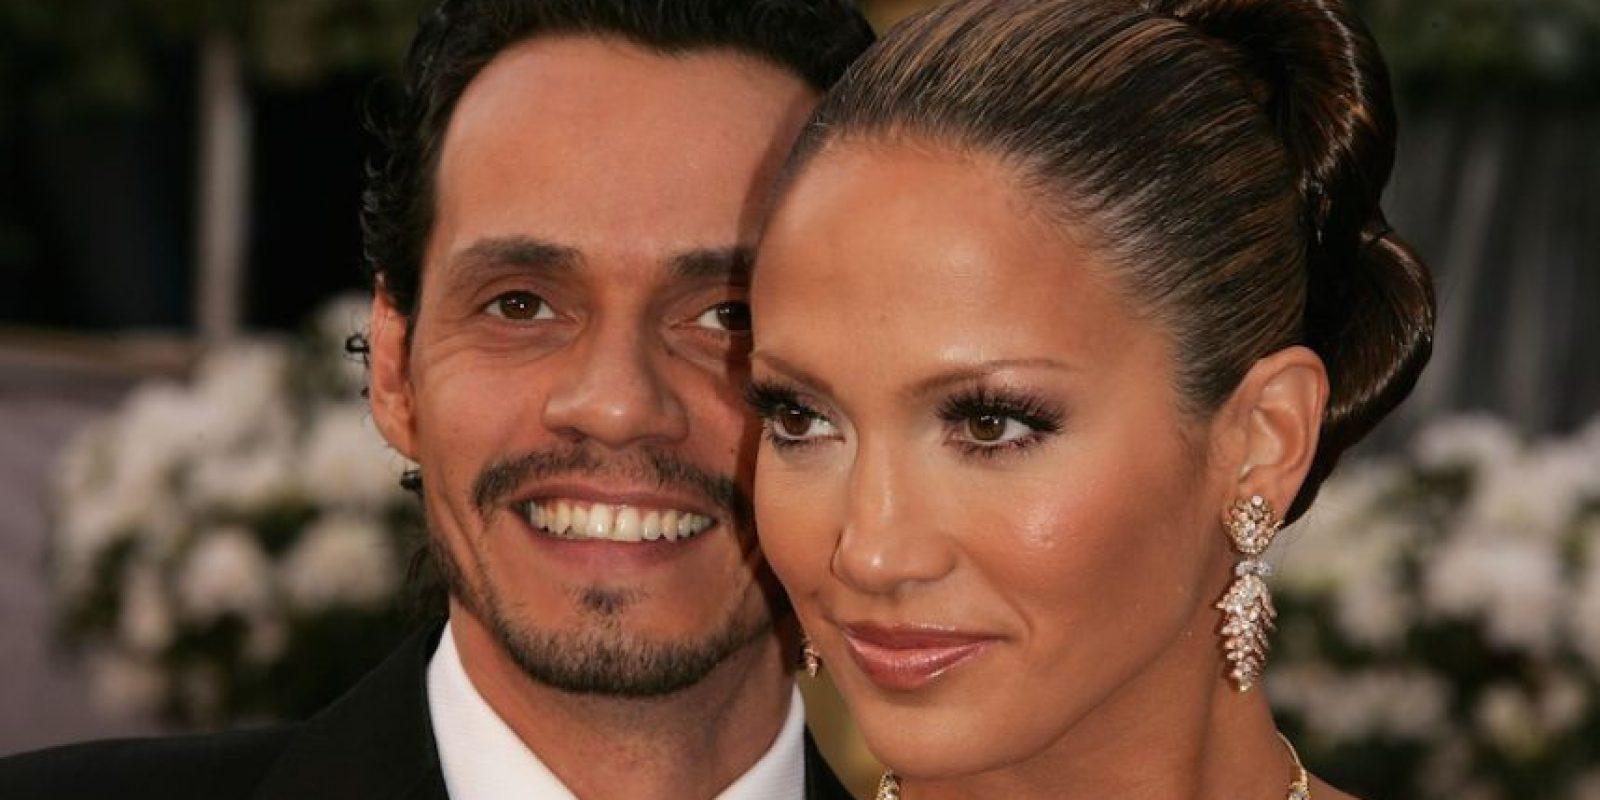 """La historia de esta pareja se remonta a 1999 cuando grabaron juntos el tema """"No me ames"""" Foto:Getty Images"""